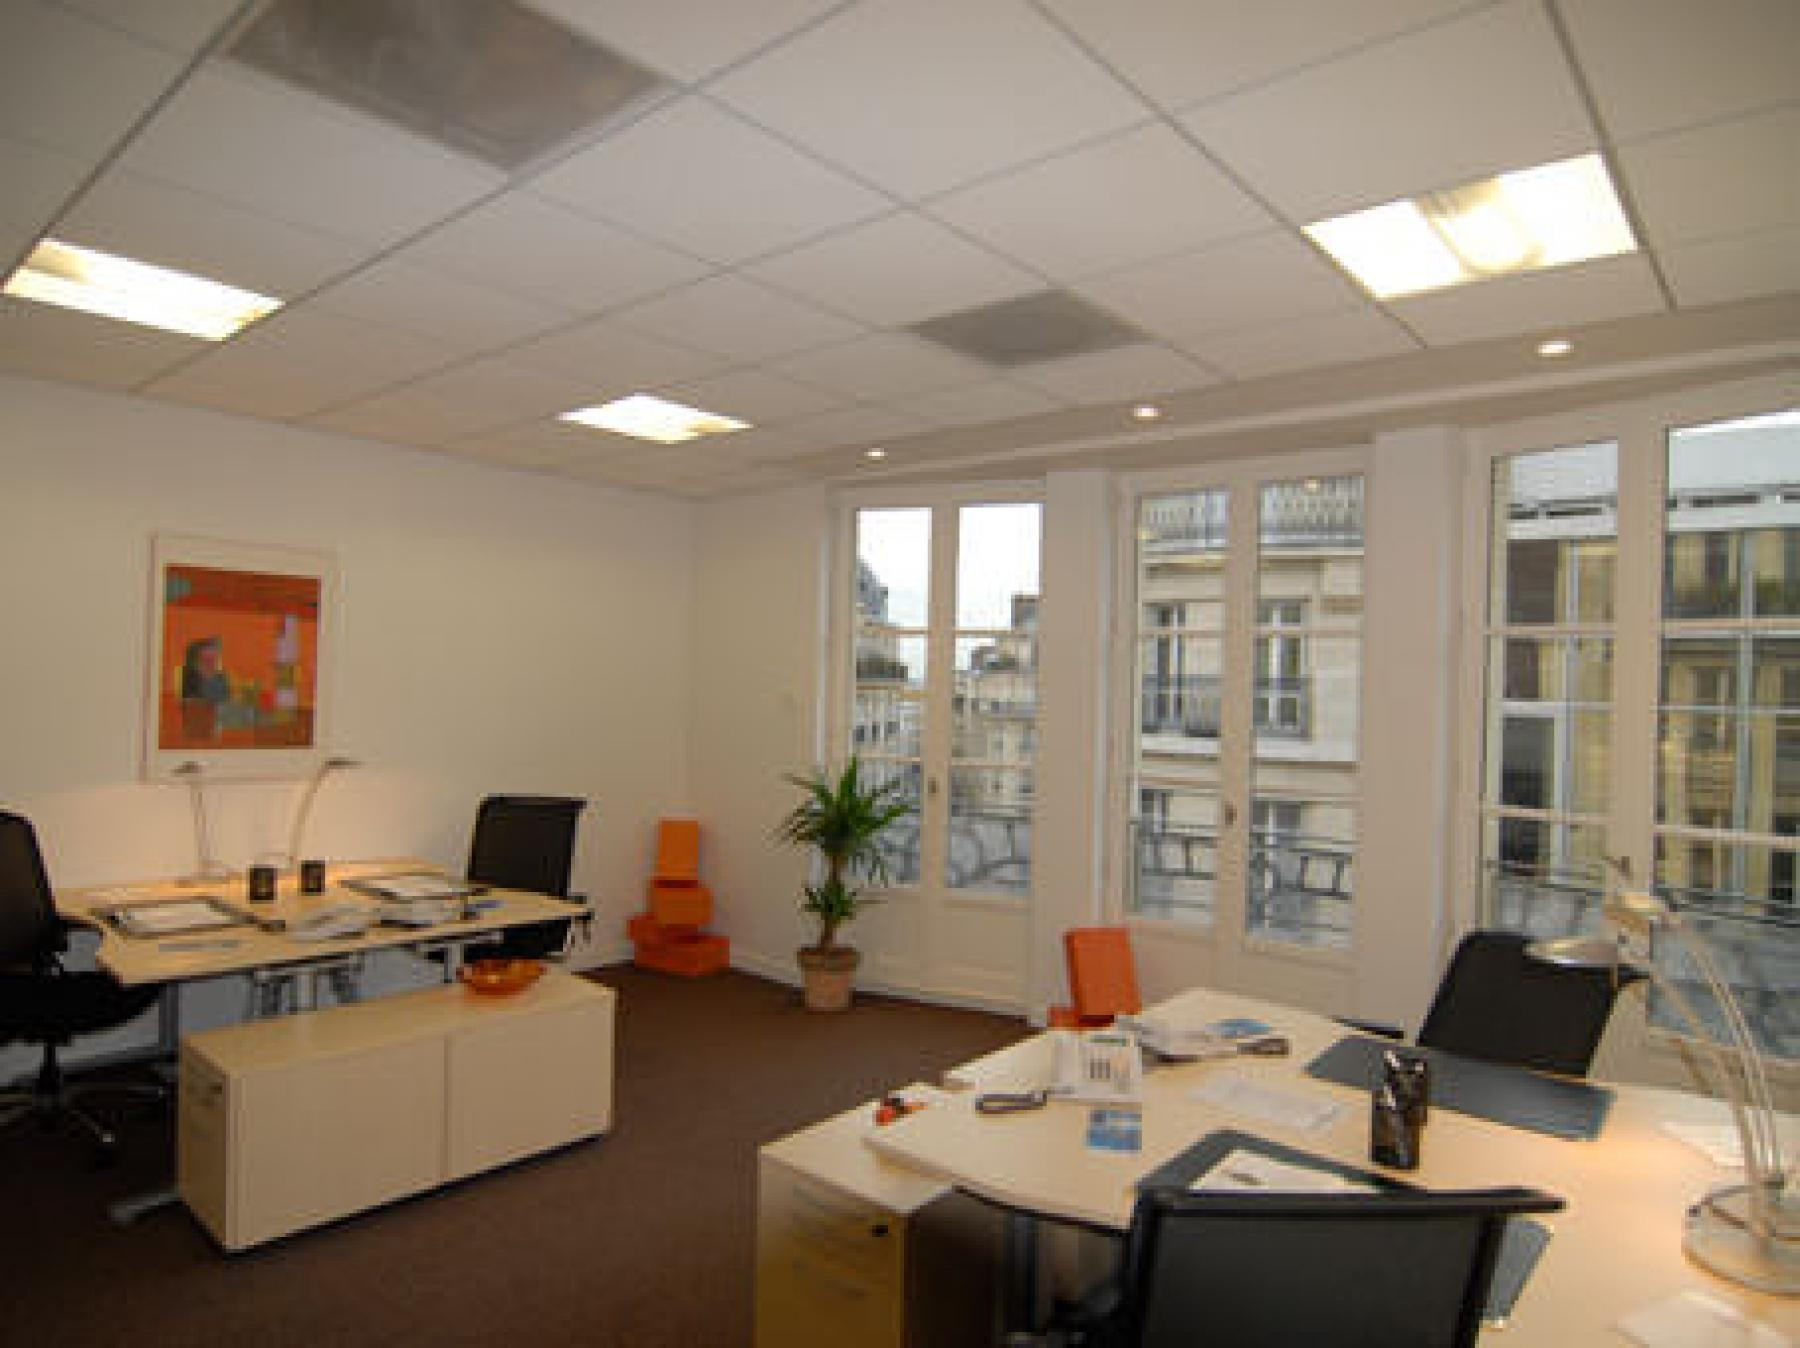 Bureaux partagés dans la Rue de Rennes